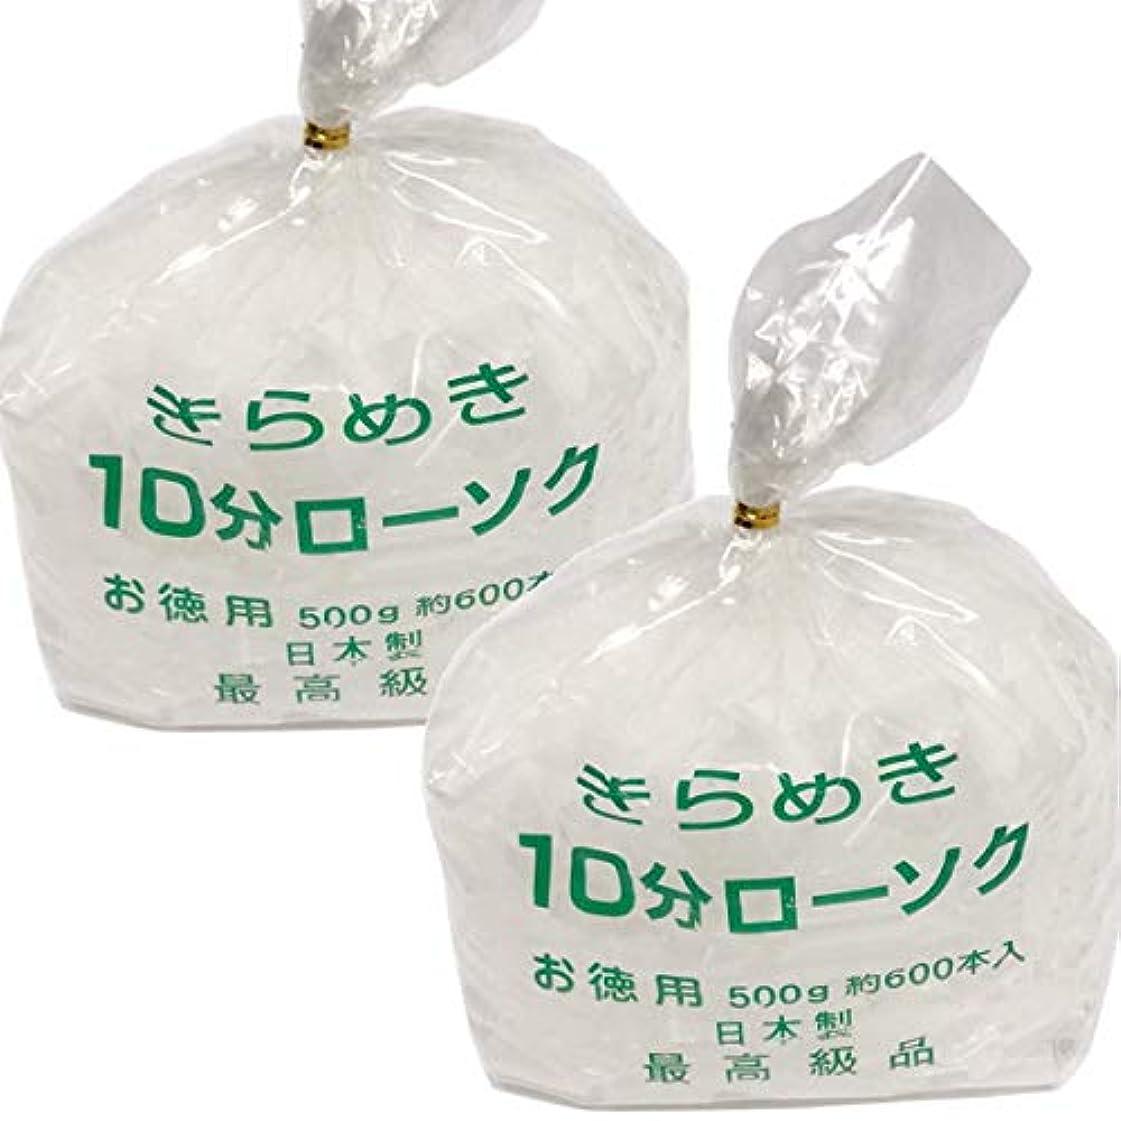 介入する百年減らす東亜ローソク ミニロウソク きらめき お徳用袋入 5分?10分 (10分ローソク2袋)